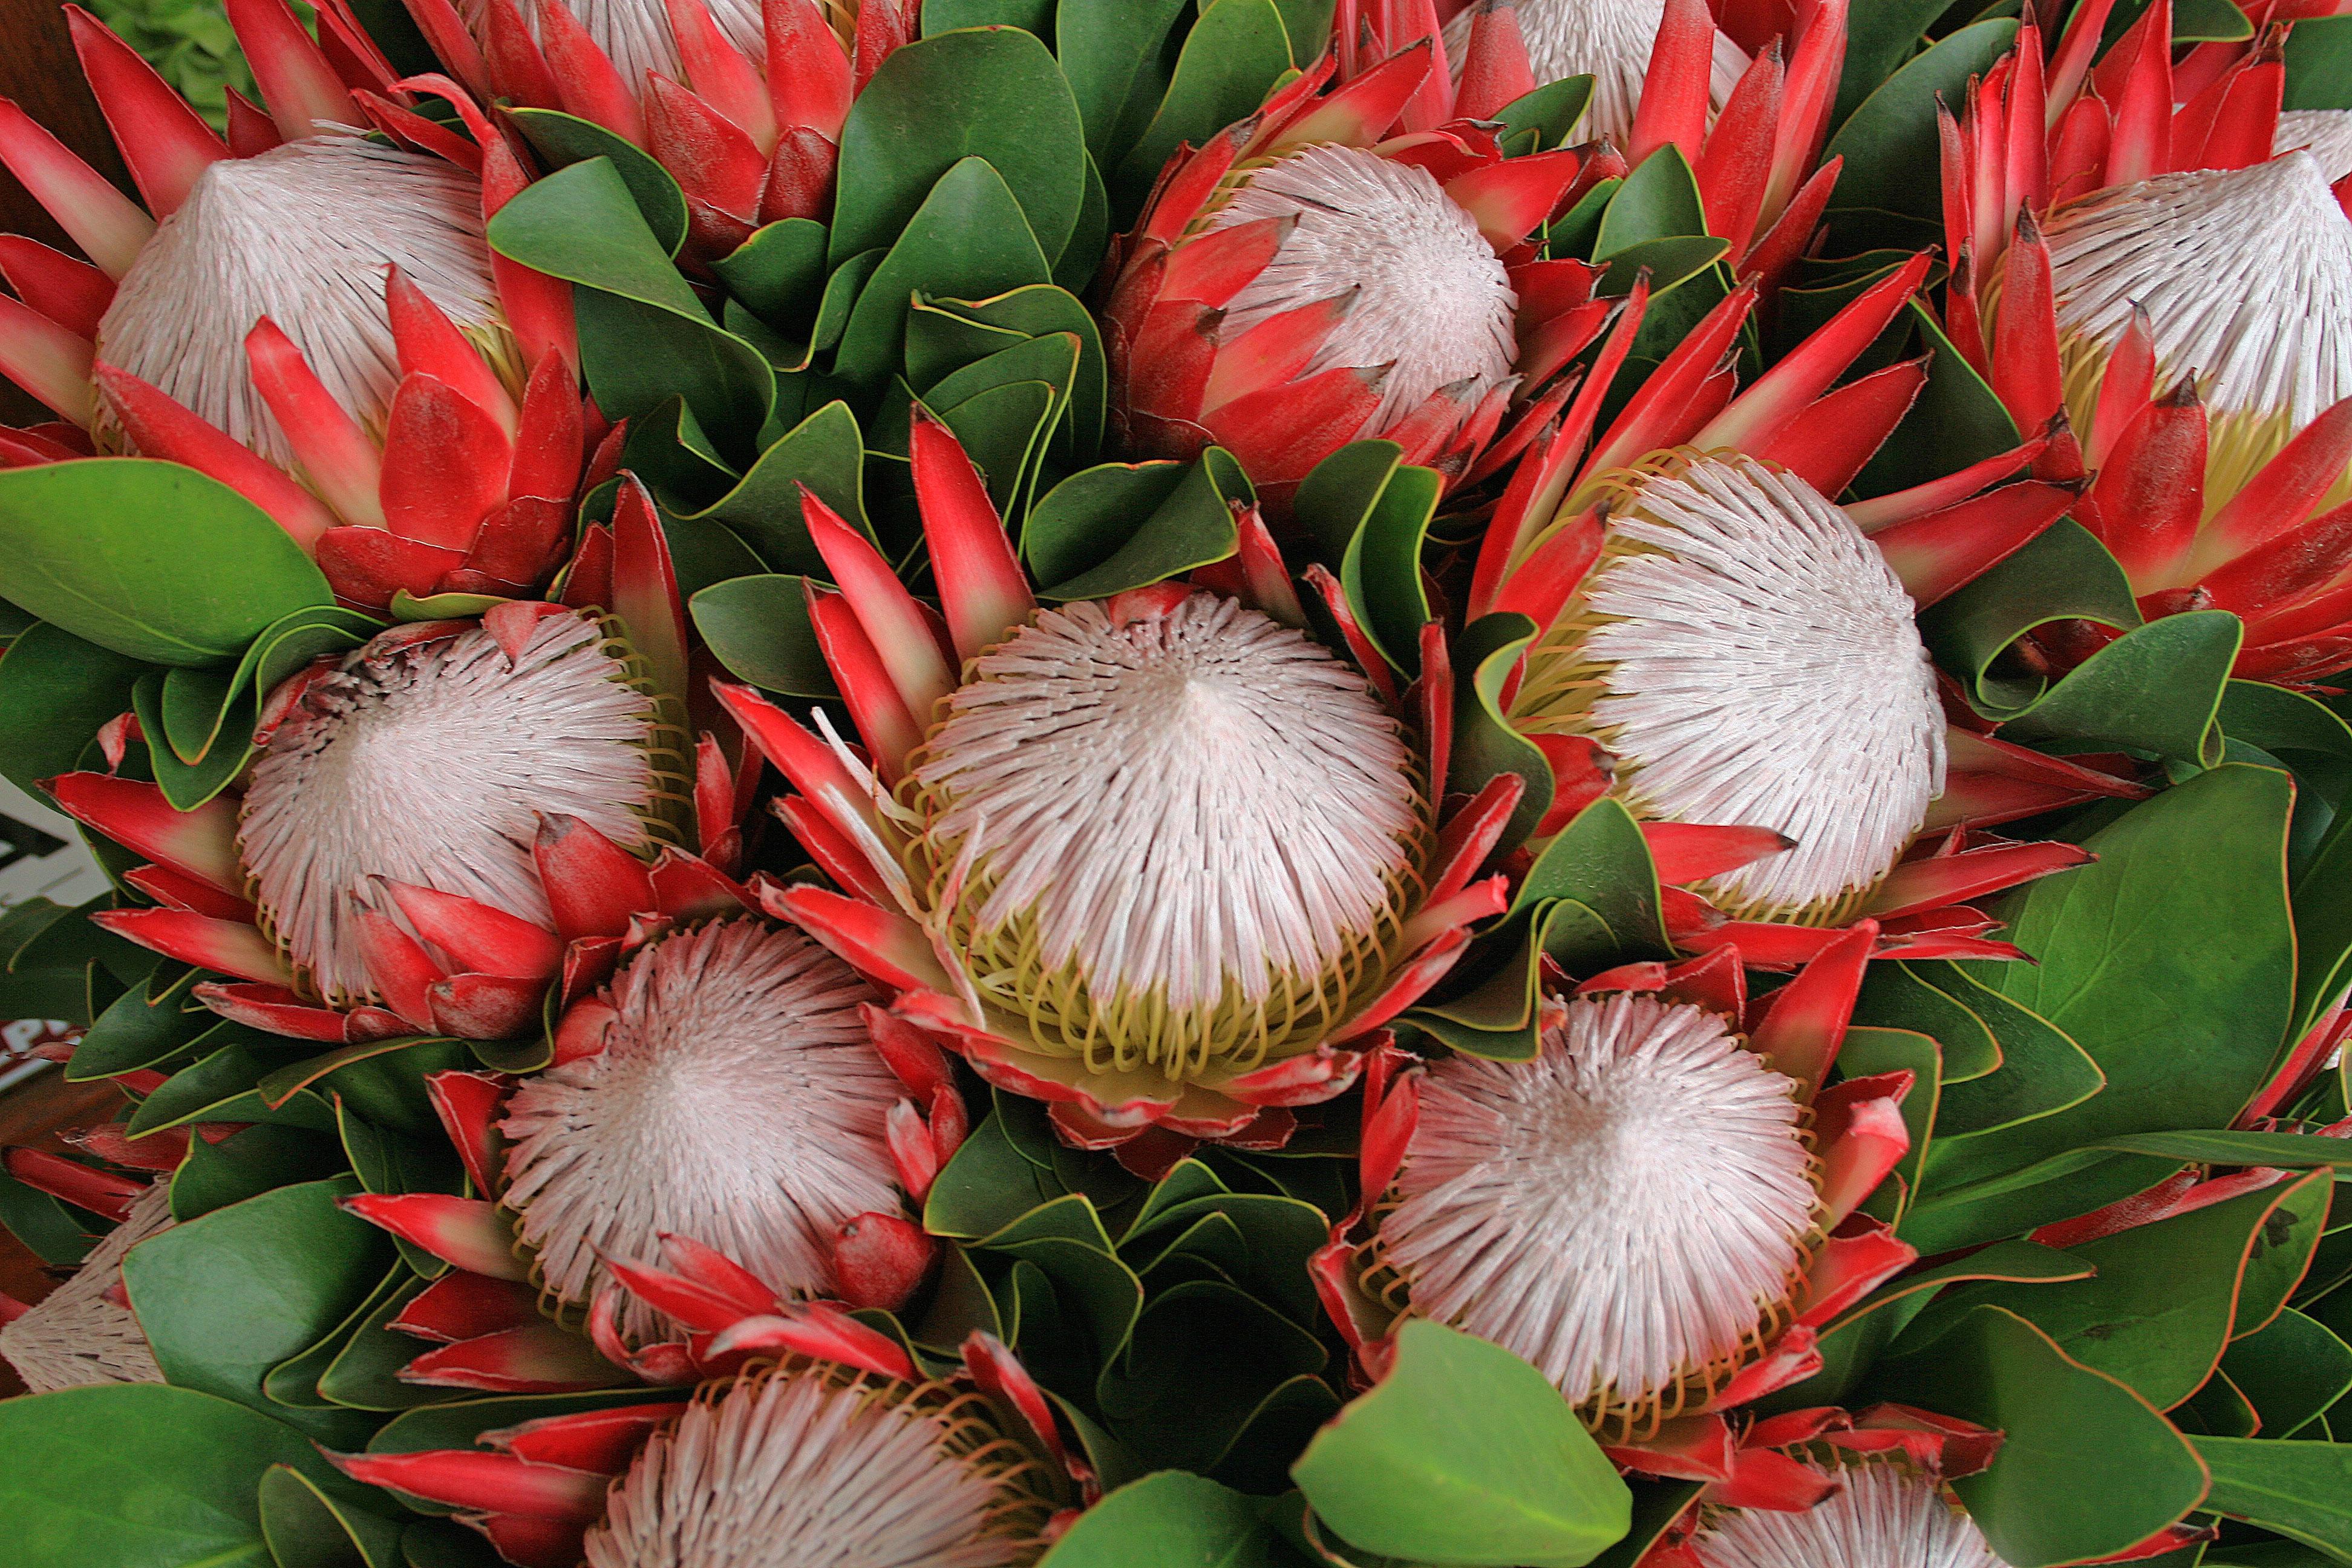 выпьем доброту экзотические цветы для букетов названия и фото картине изображено